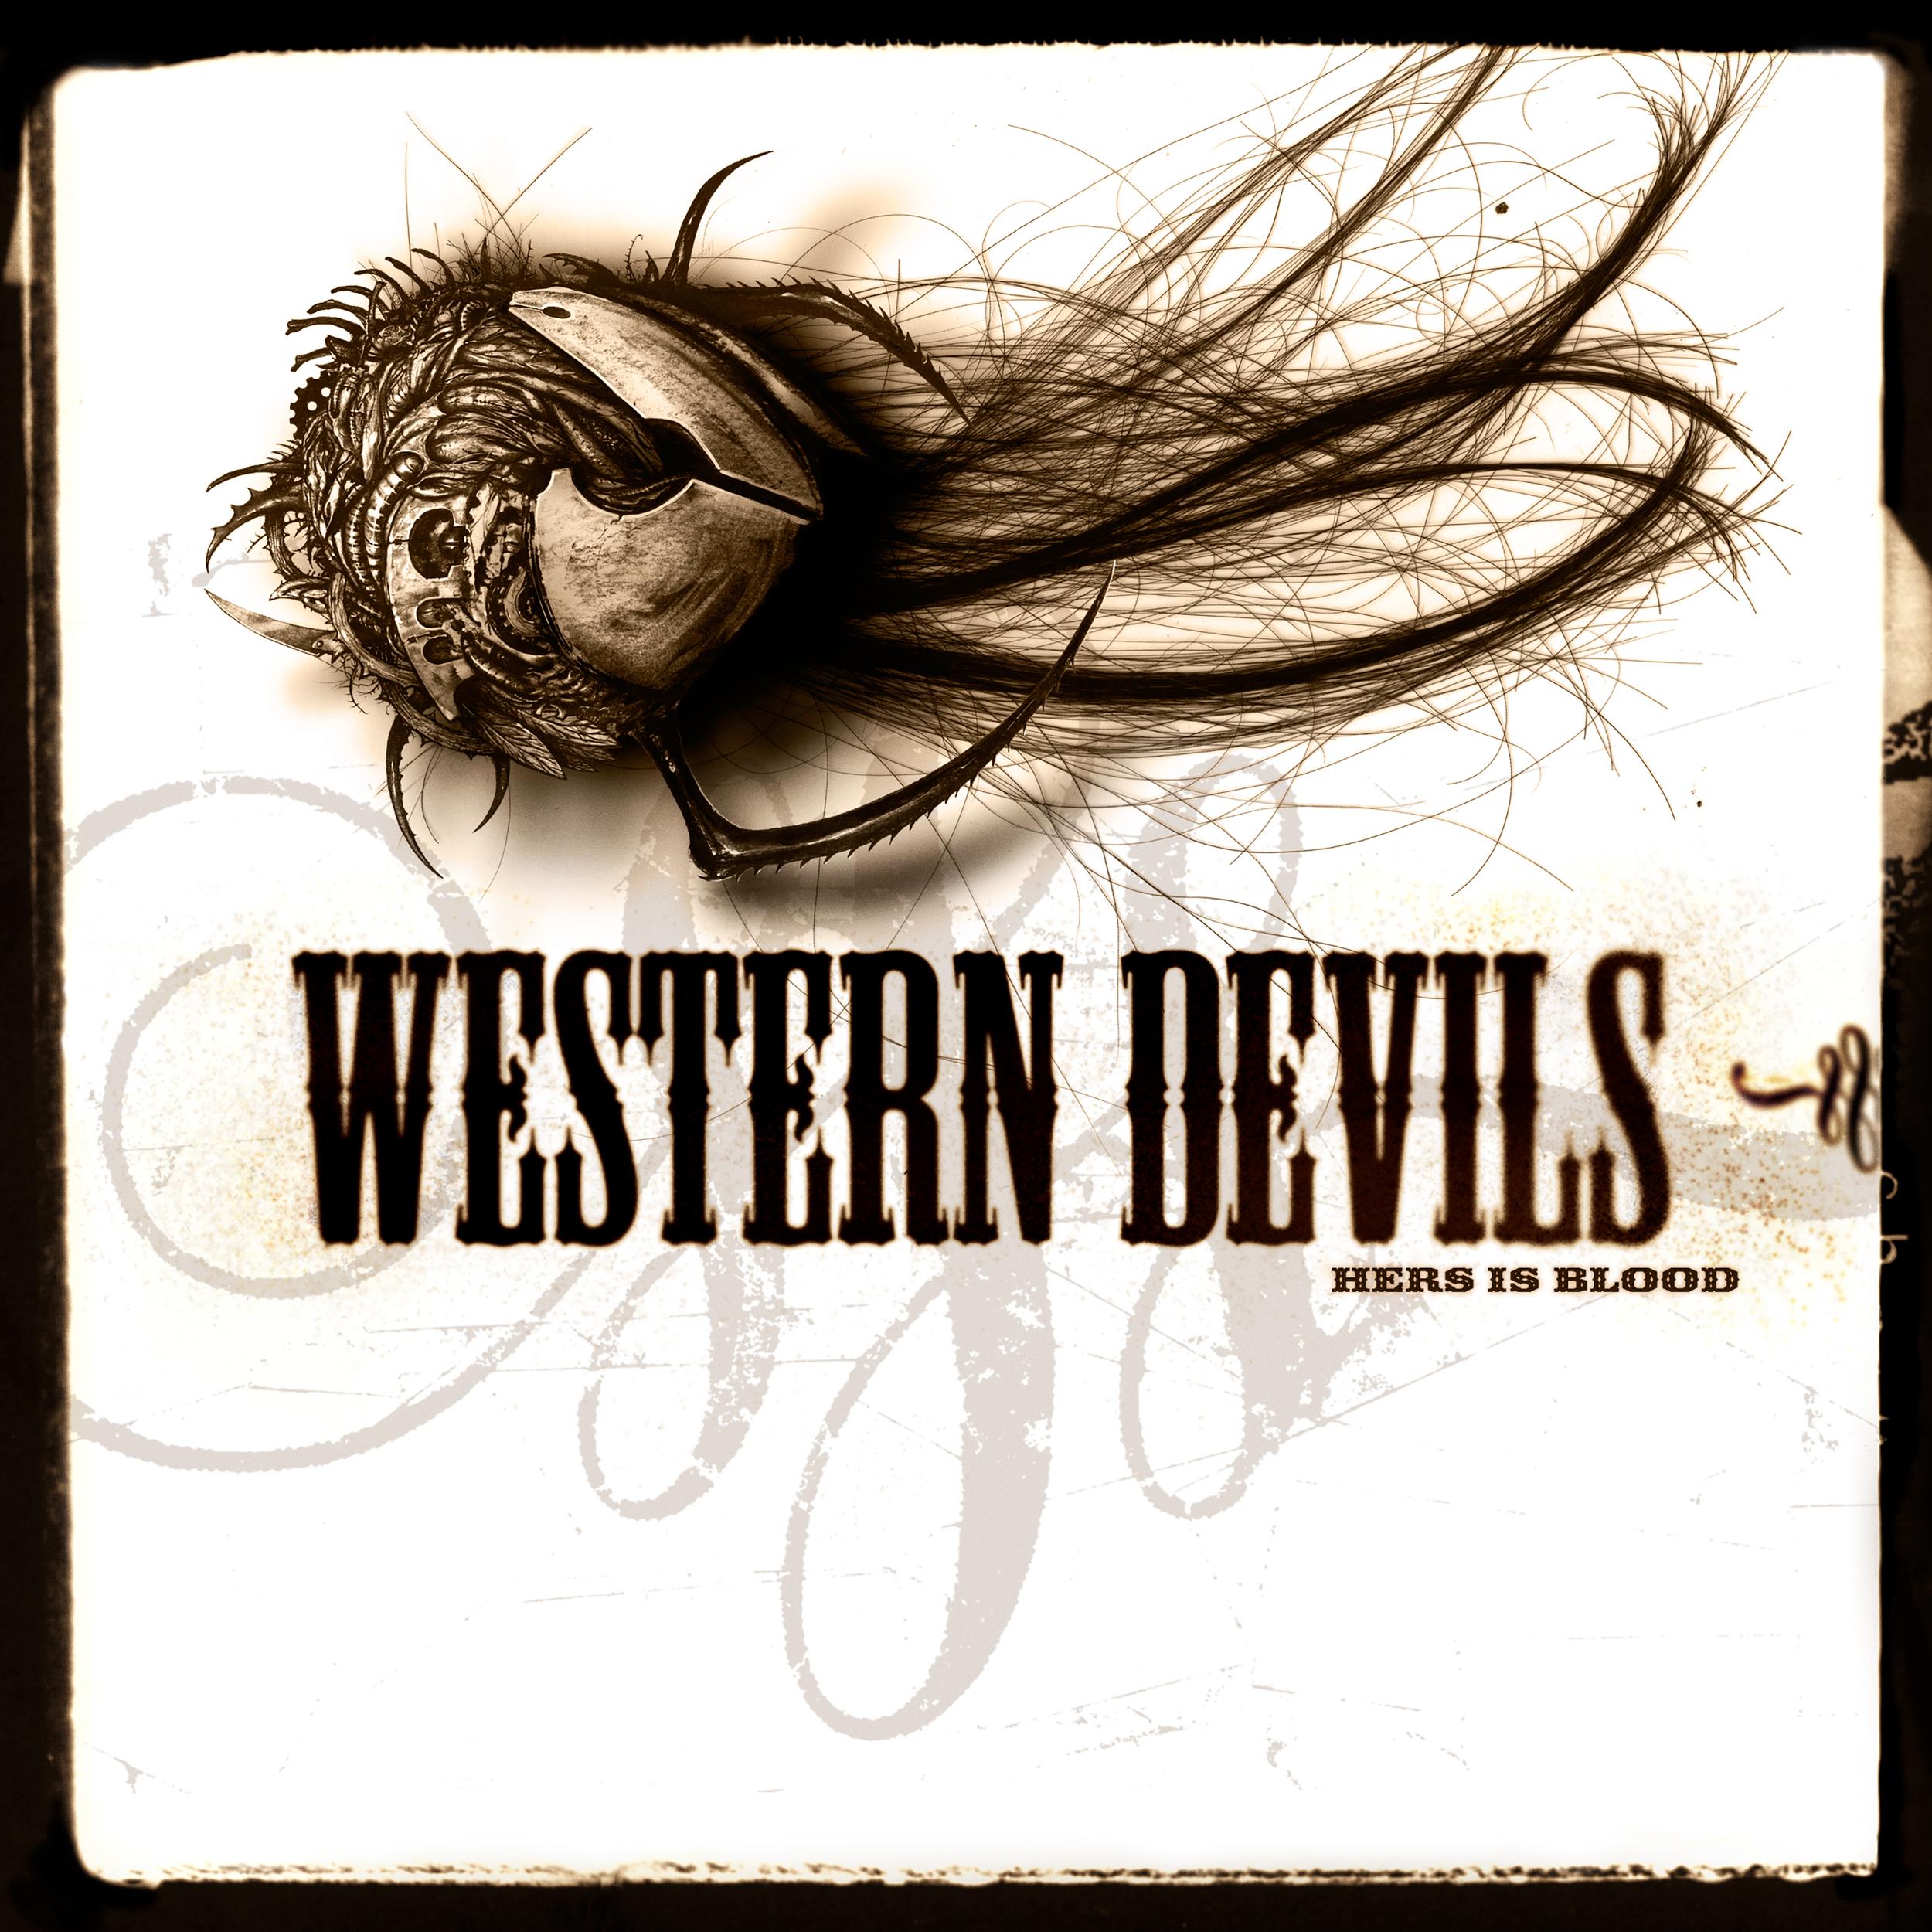 western-devils_hers-is-blood_3000.jpg